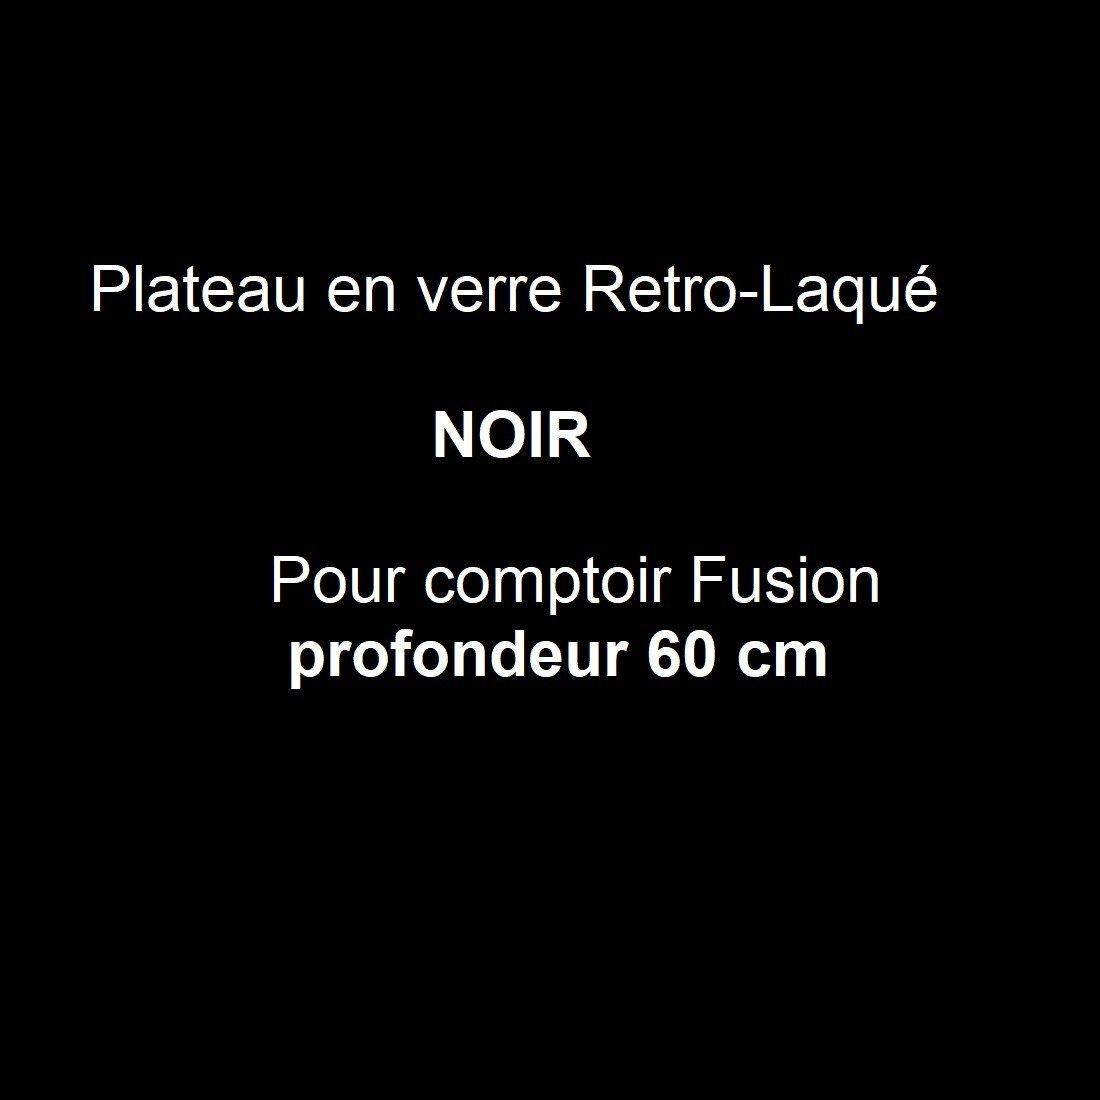 Verre rétro-laqué Noir P.60 cm